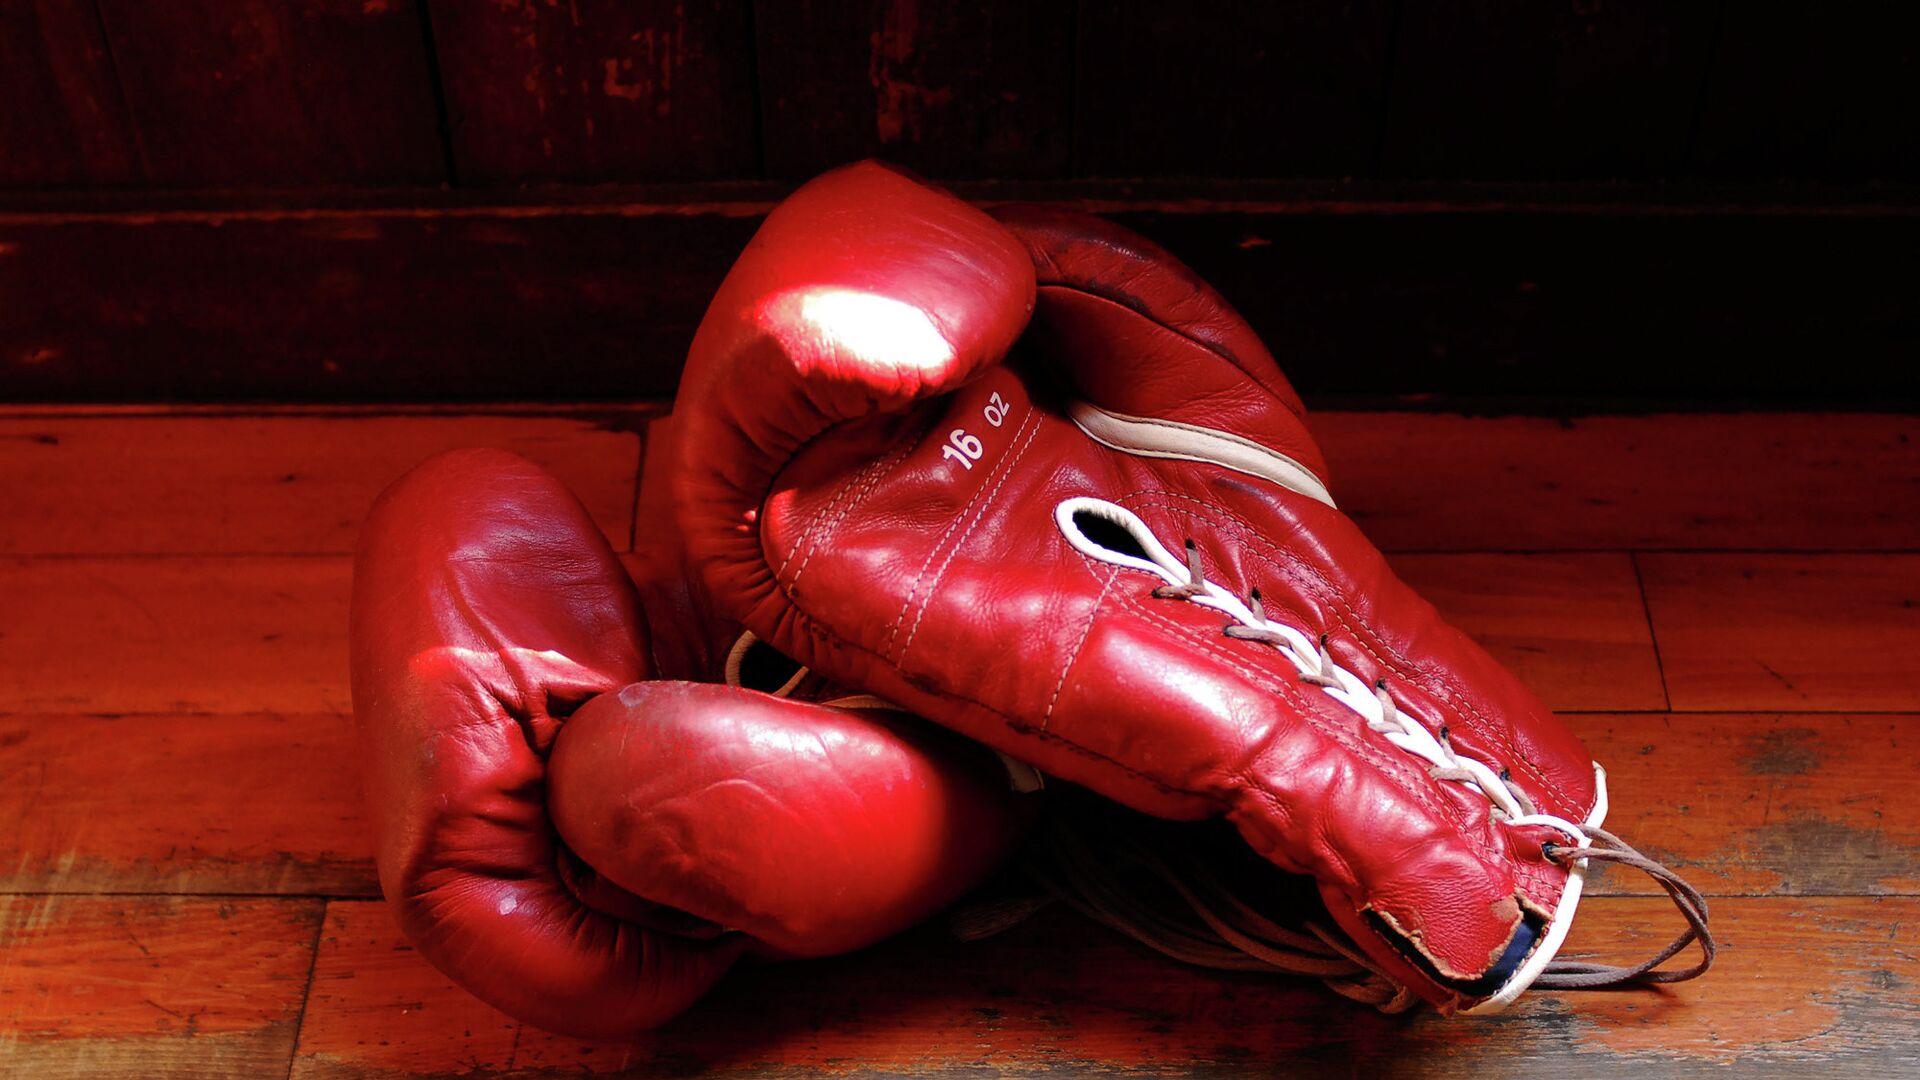 Боксерские перчатки - РИА Новости, 1920, 25.09.2021